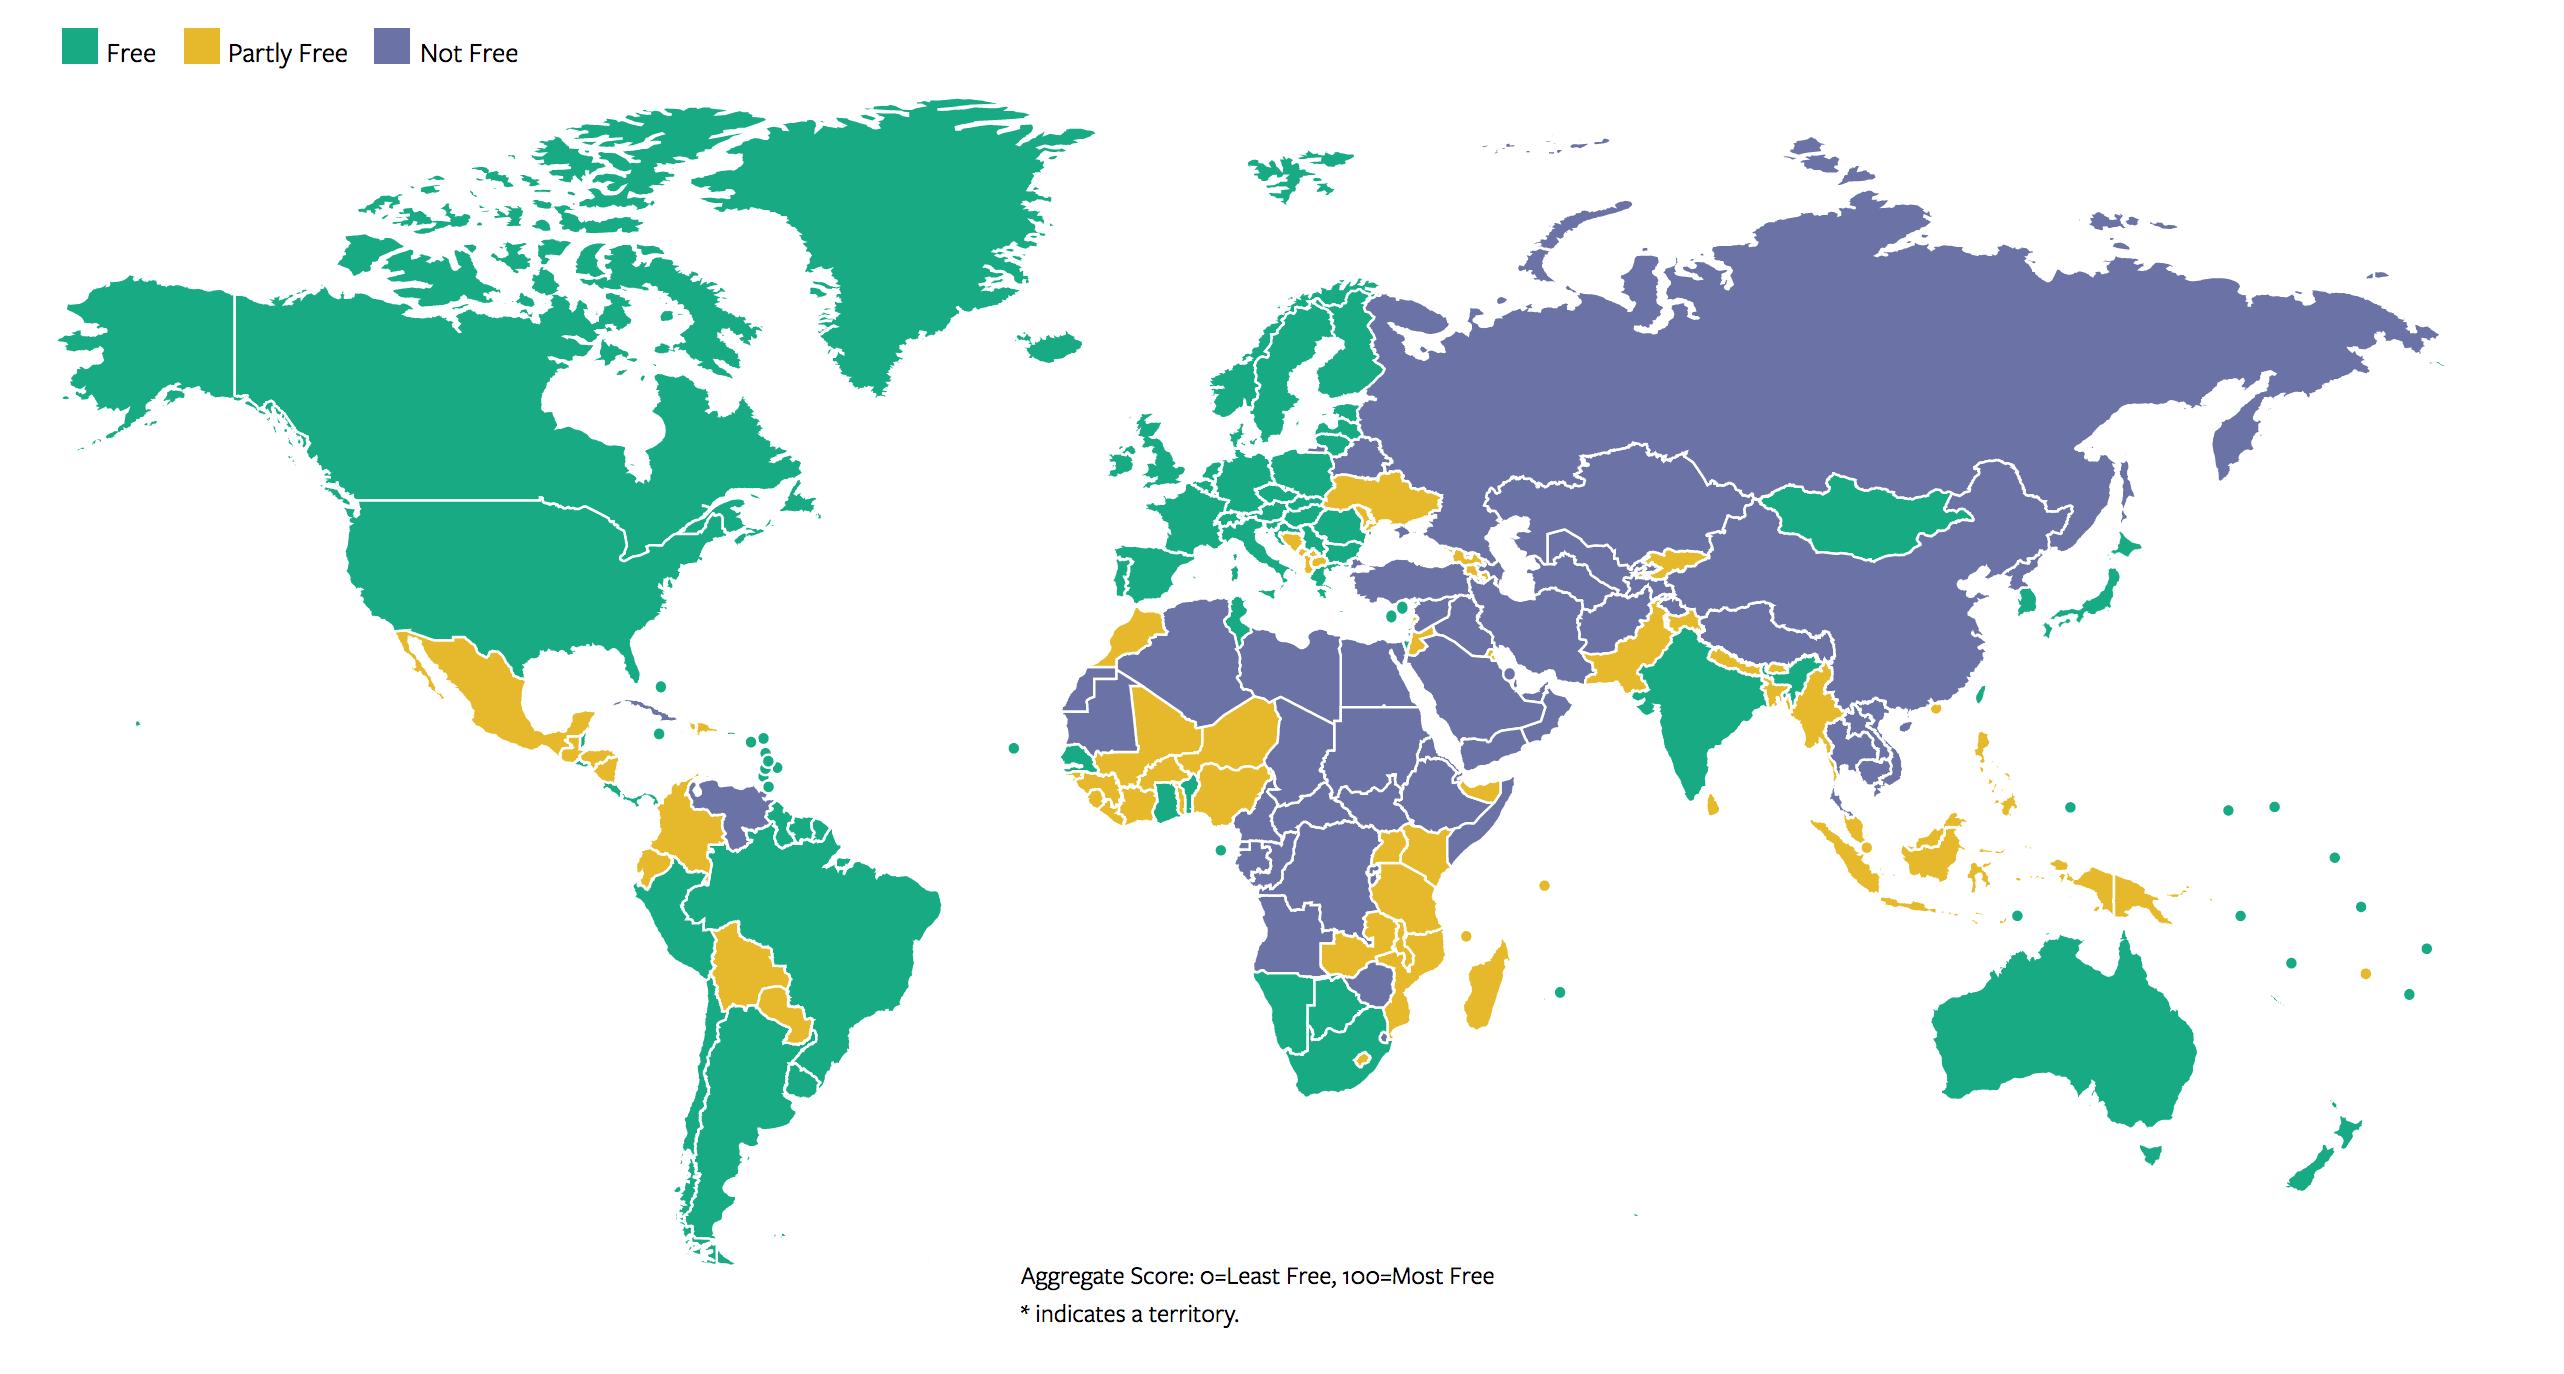 خريطة العالم من حيث الحريات والديمقراطية (فريدوم هاوس)